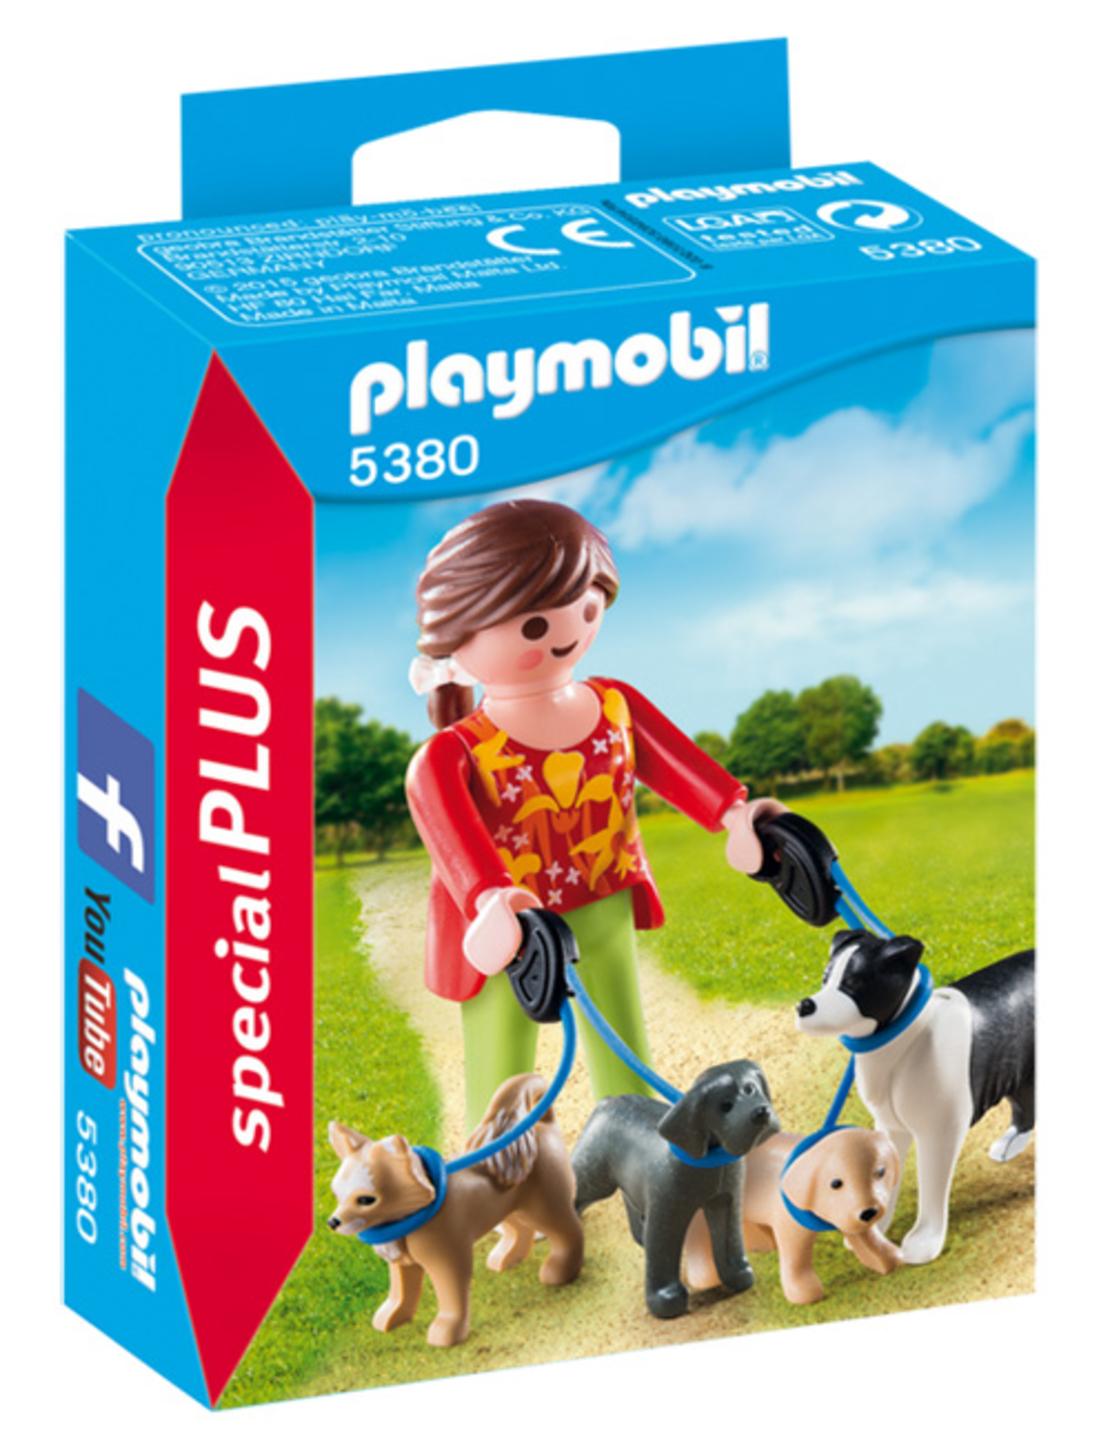 פליימוביל 5380 - מטיילים בגן הכלבים